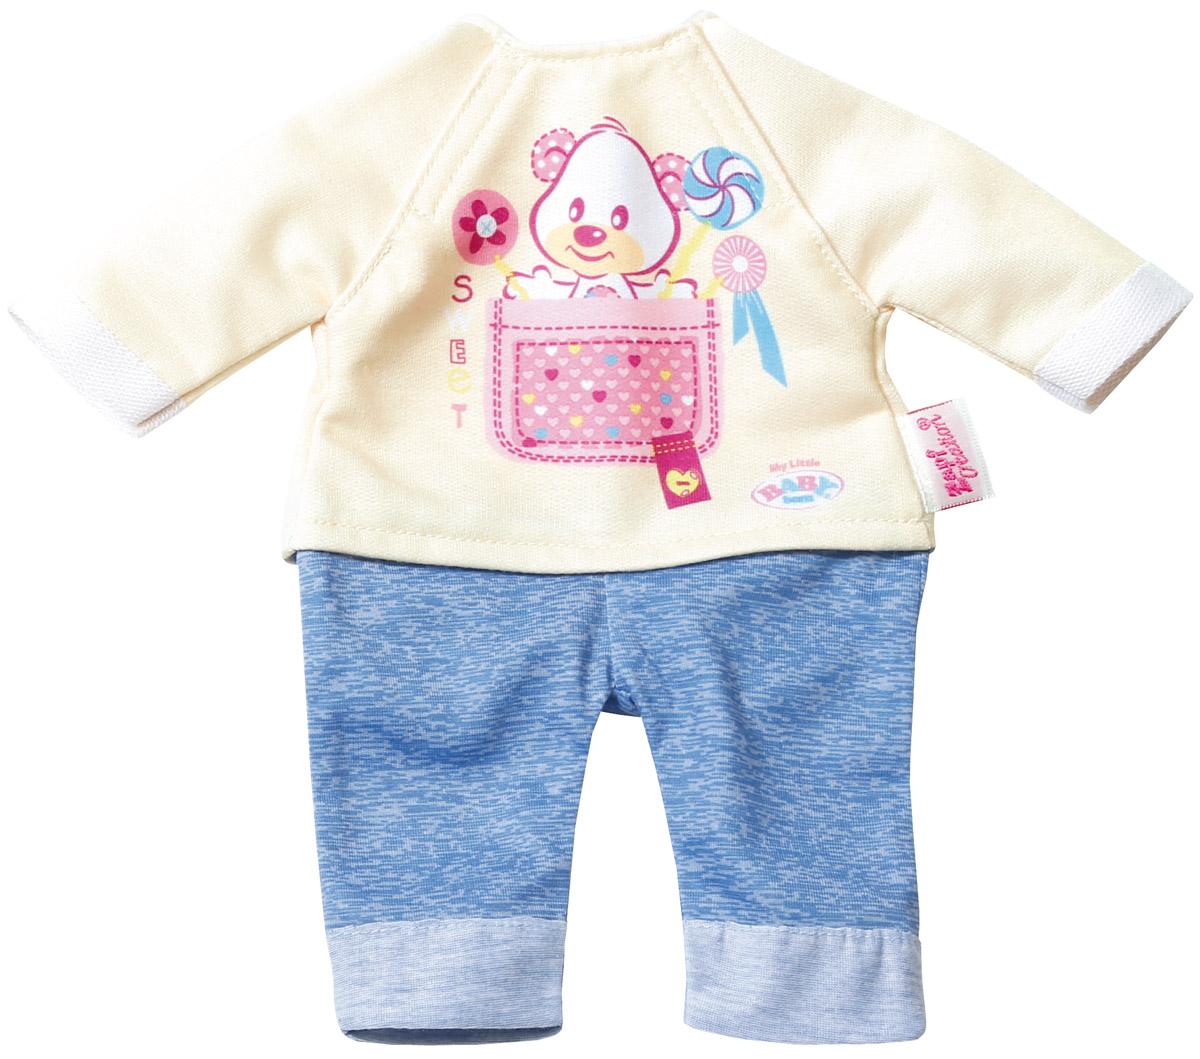 Baby Born Комплект одежды для дома цвет бежевый голубой, ZAPF Creation